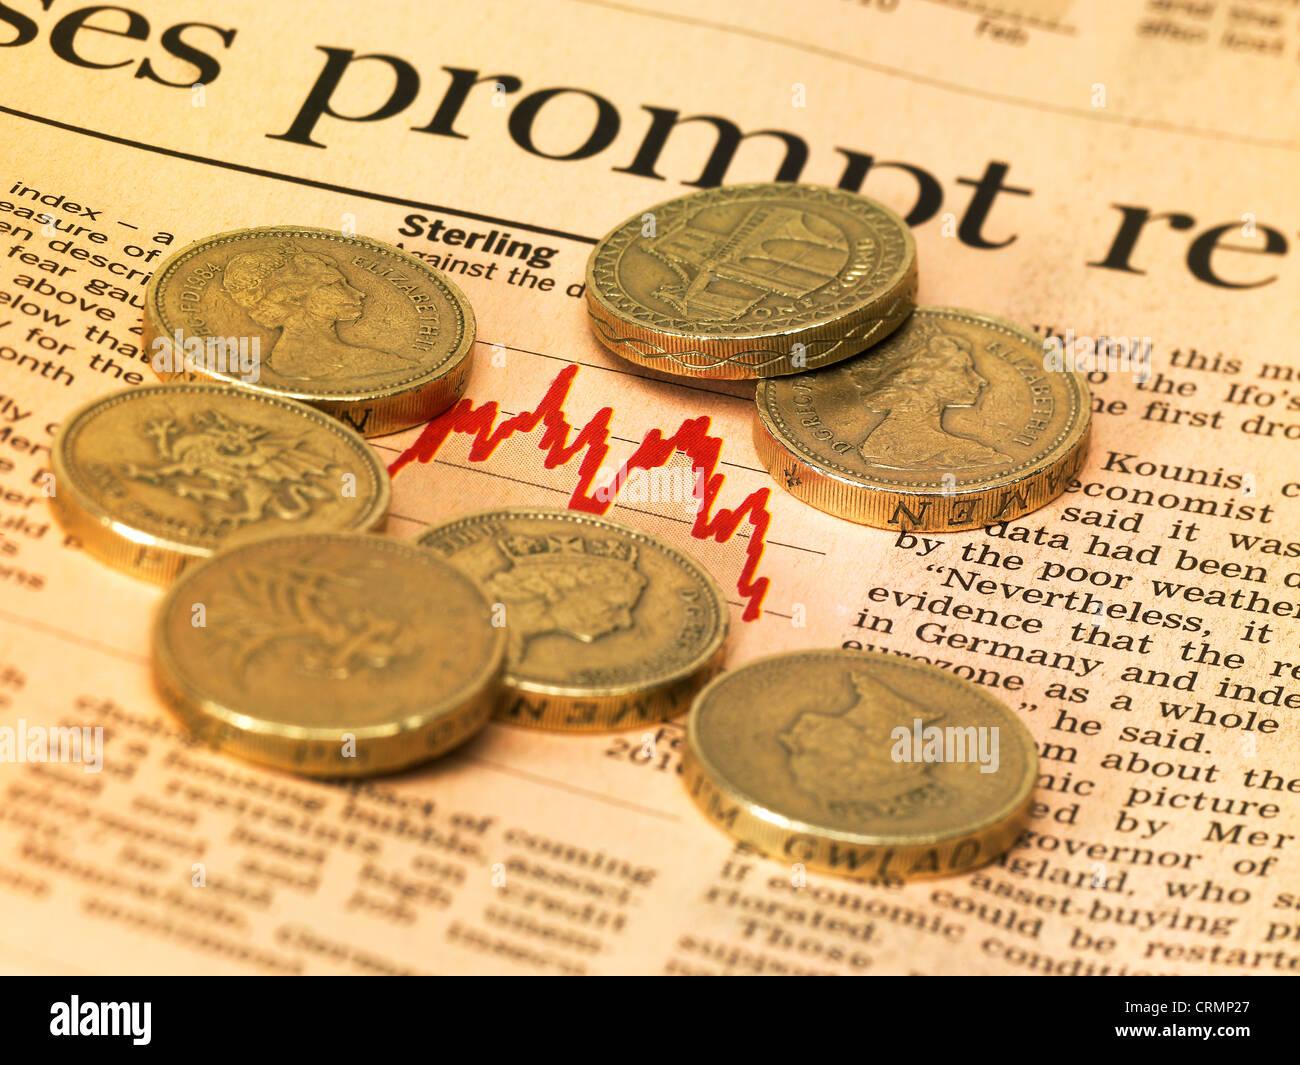 Financial Market Page Newspaper British Pound Coins